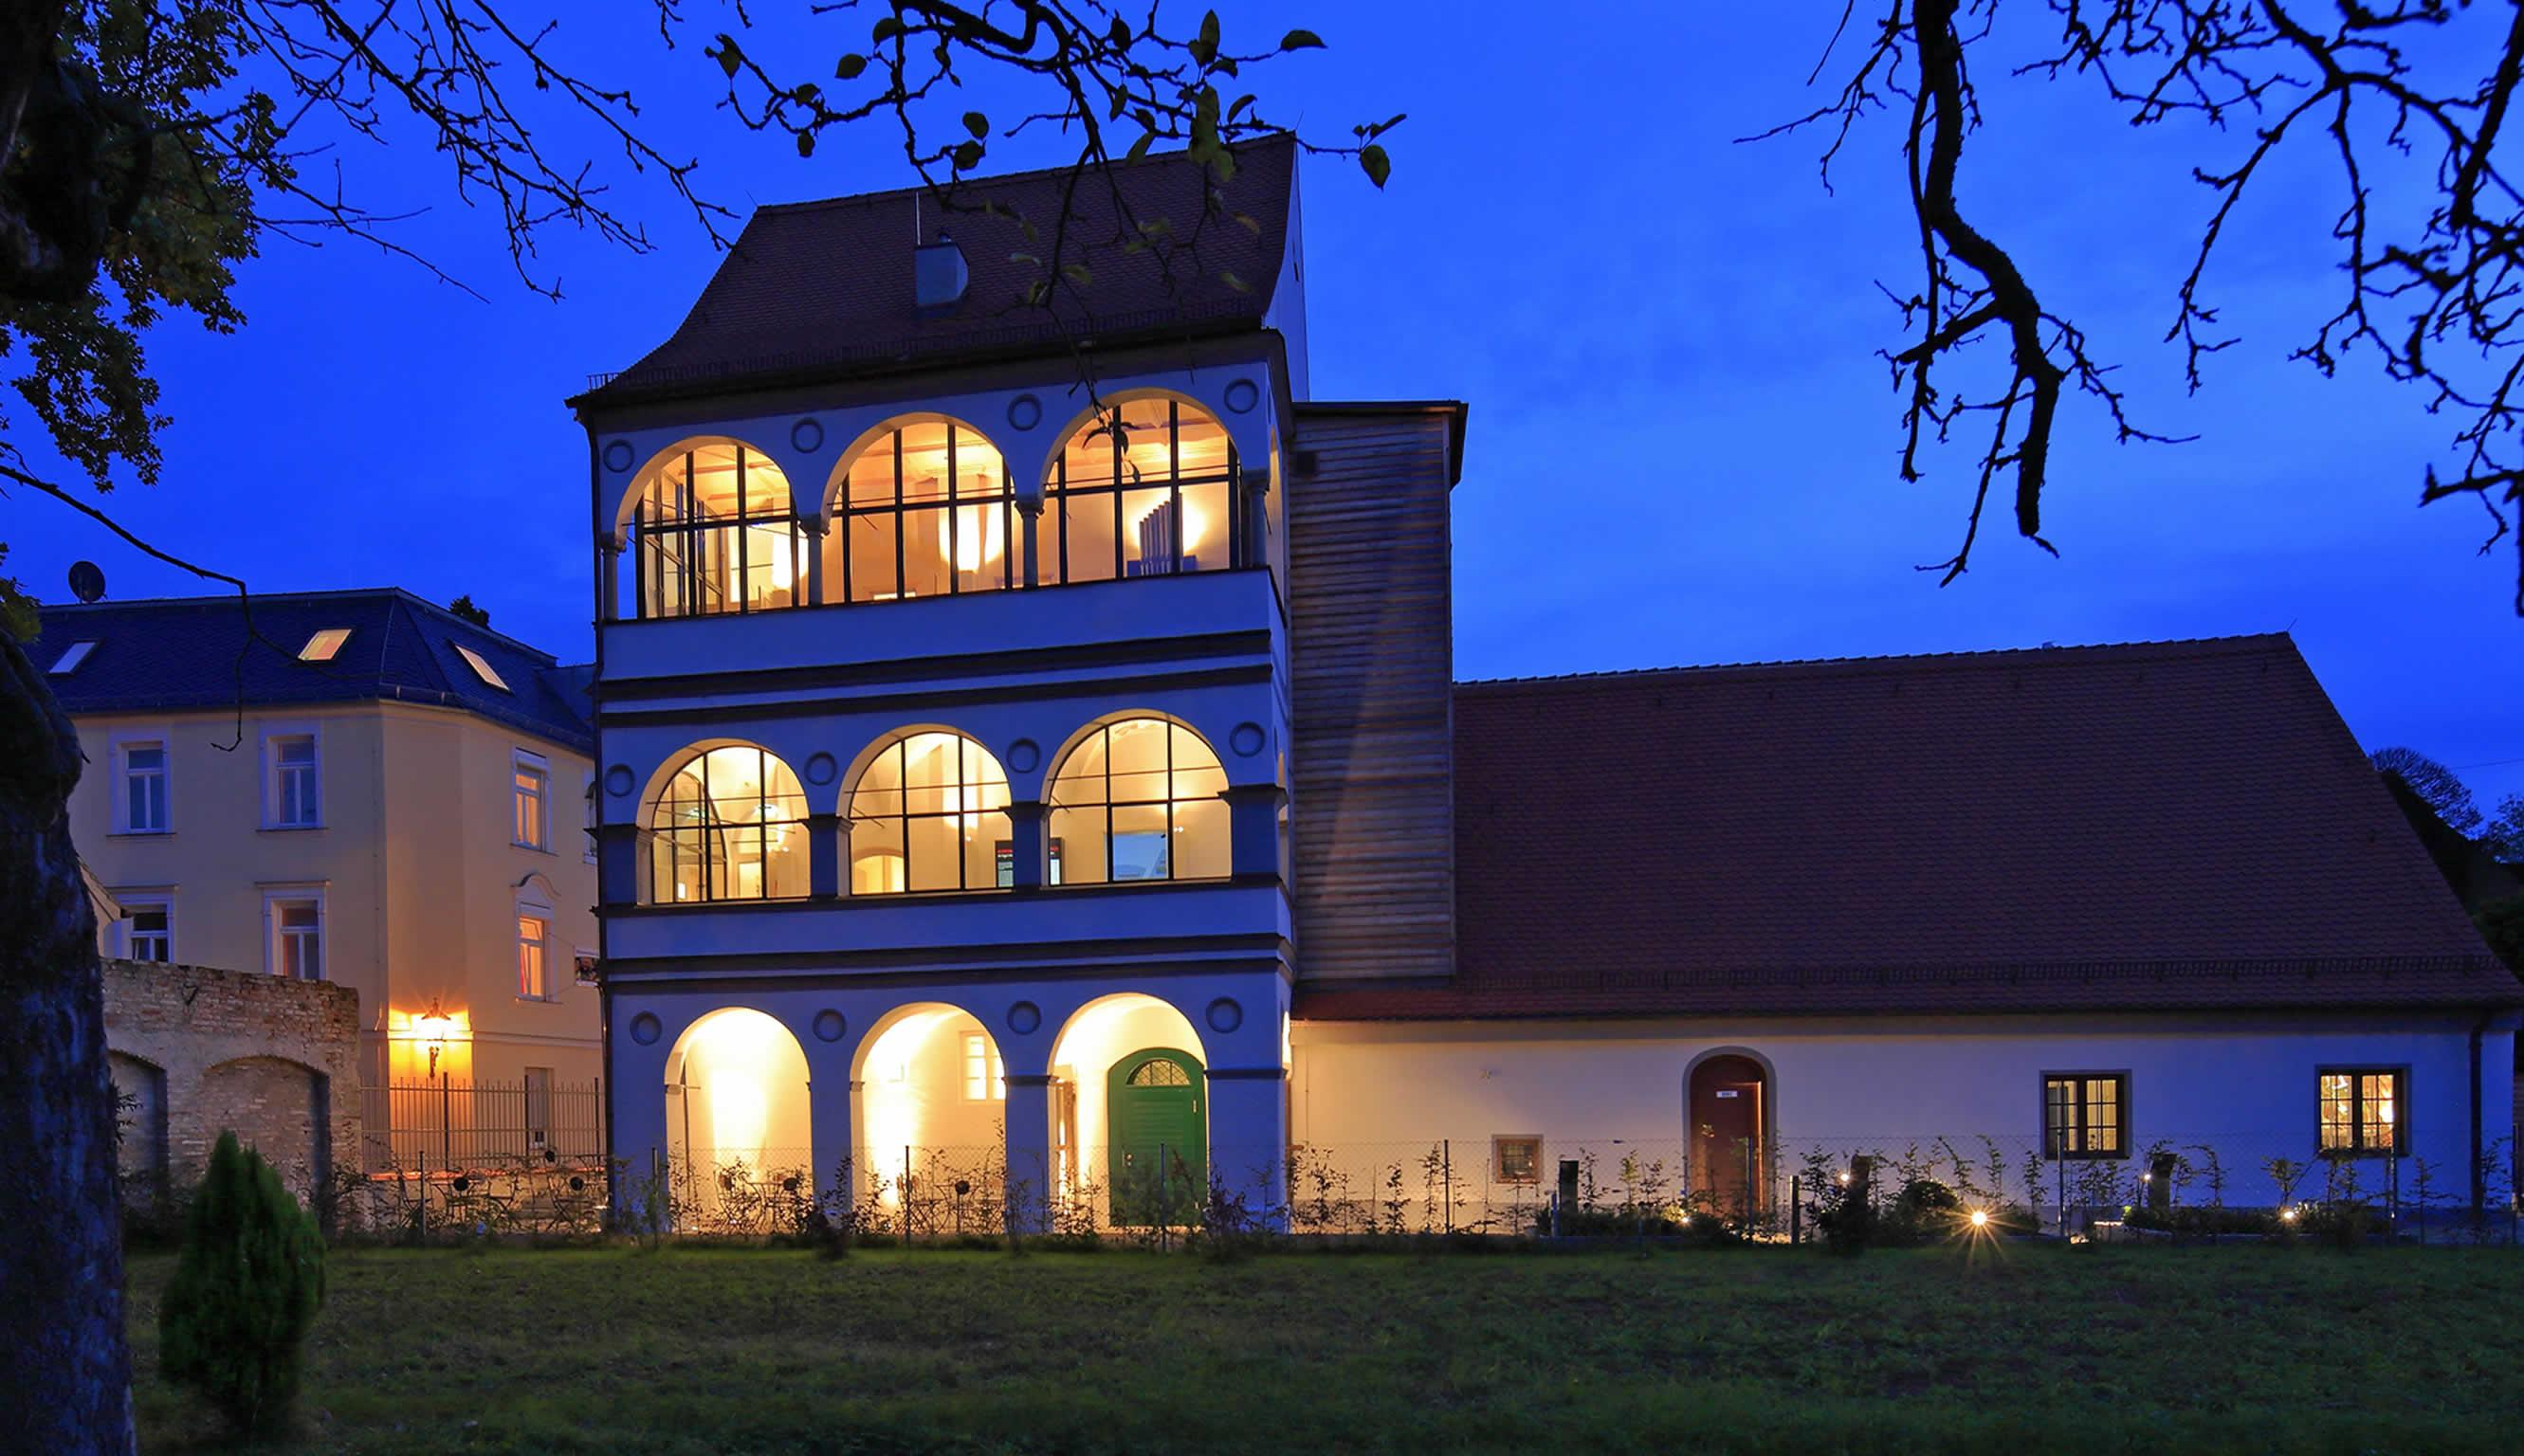 Museen in Augsburg